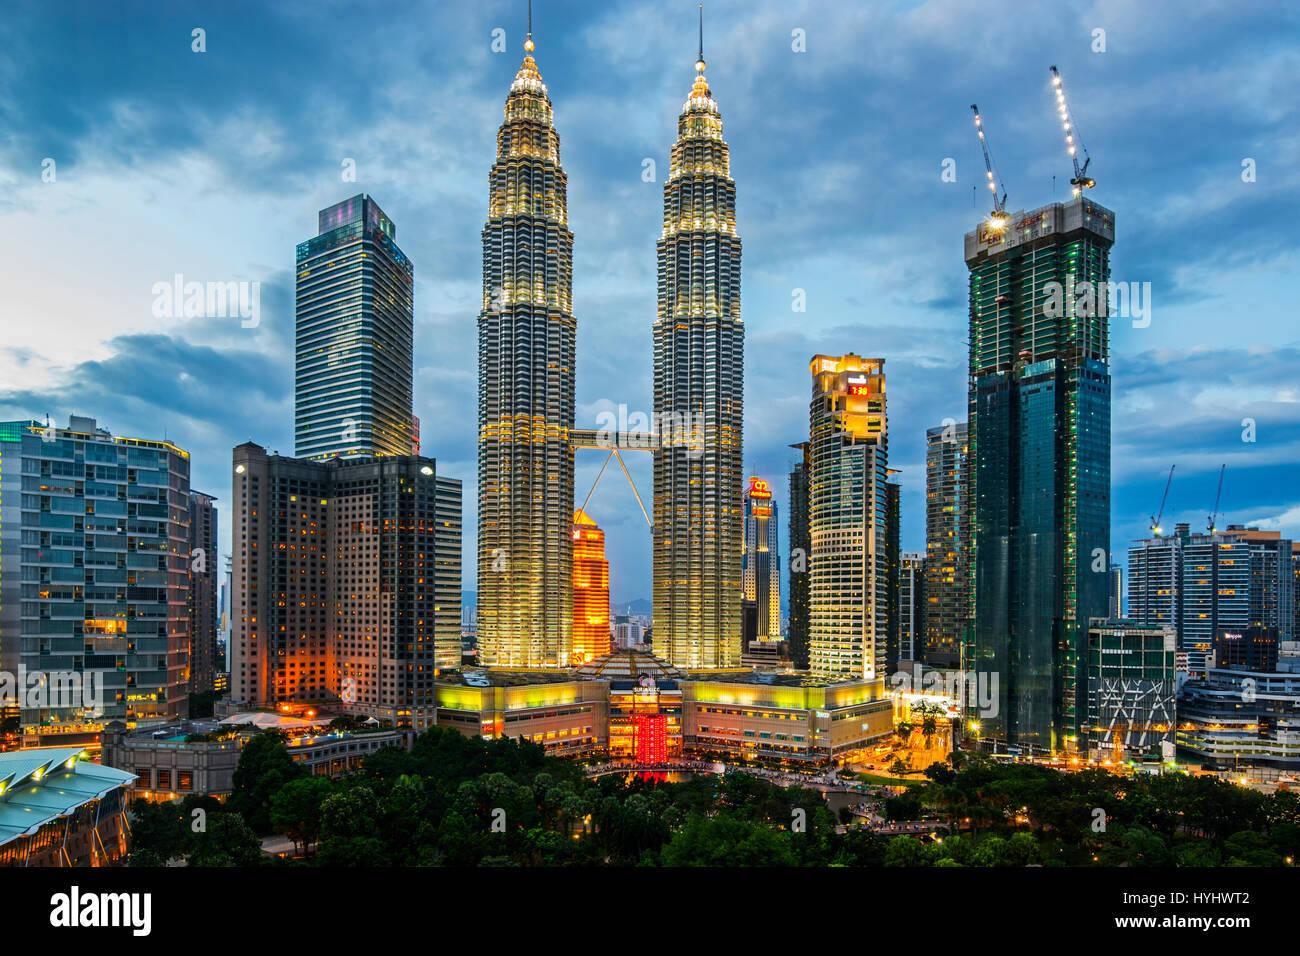 Les tours jumelles Petronas de Kuala Lumpur et le centre ville Sommaire, Malaisie Photo Stock